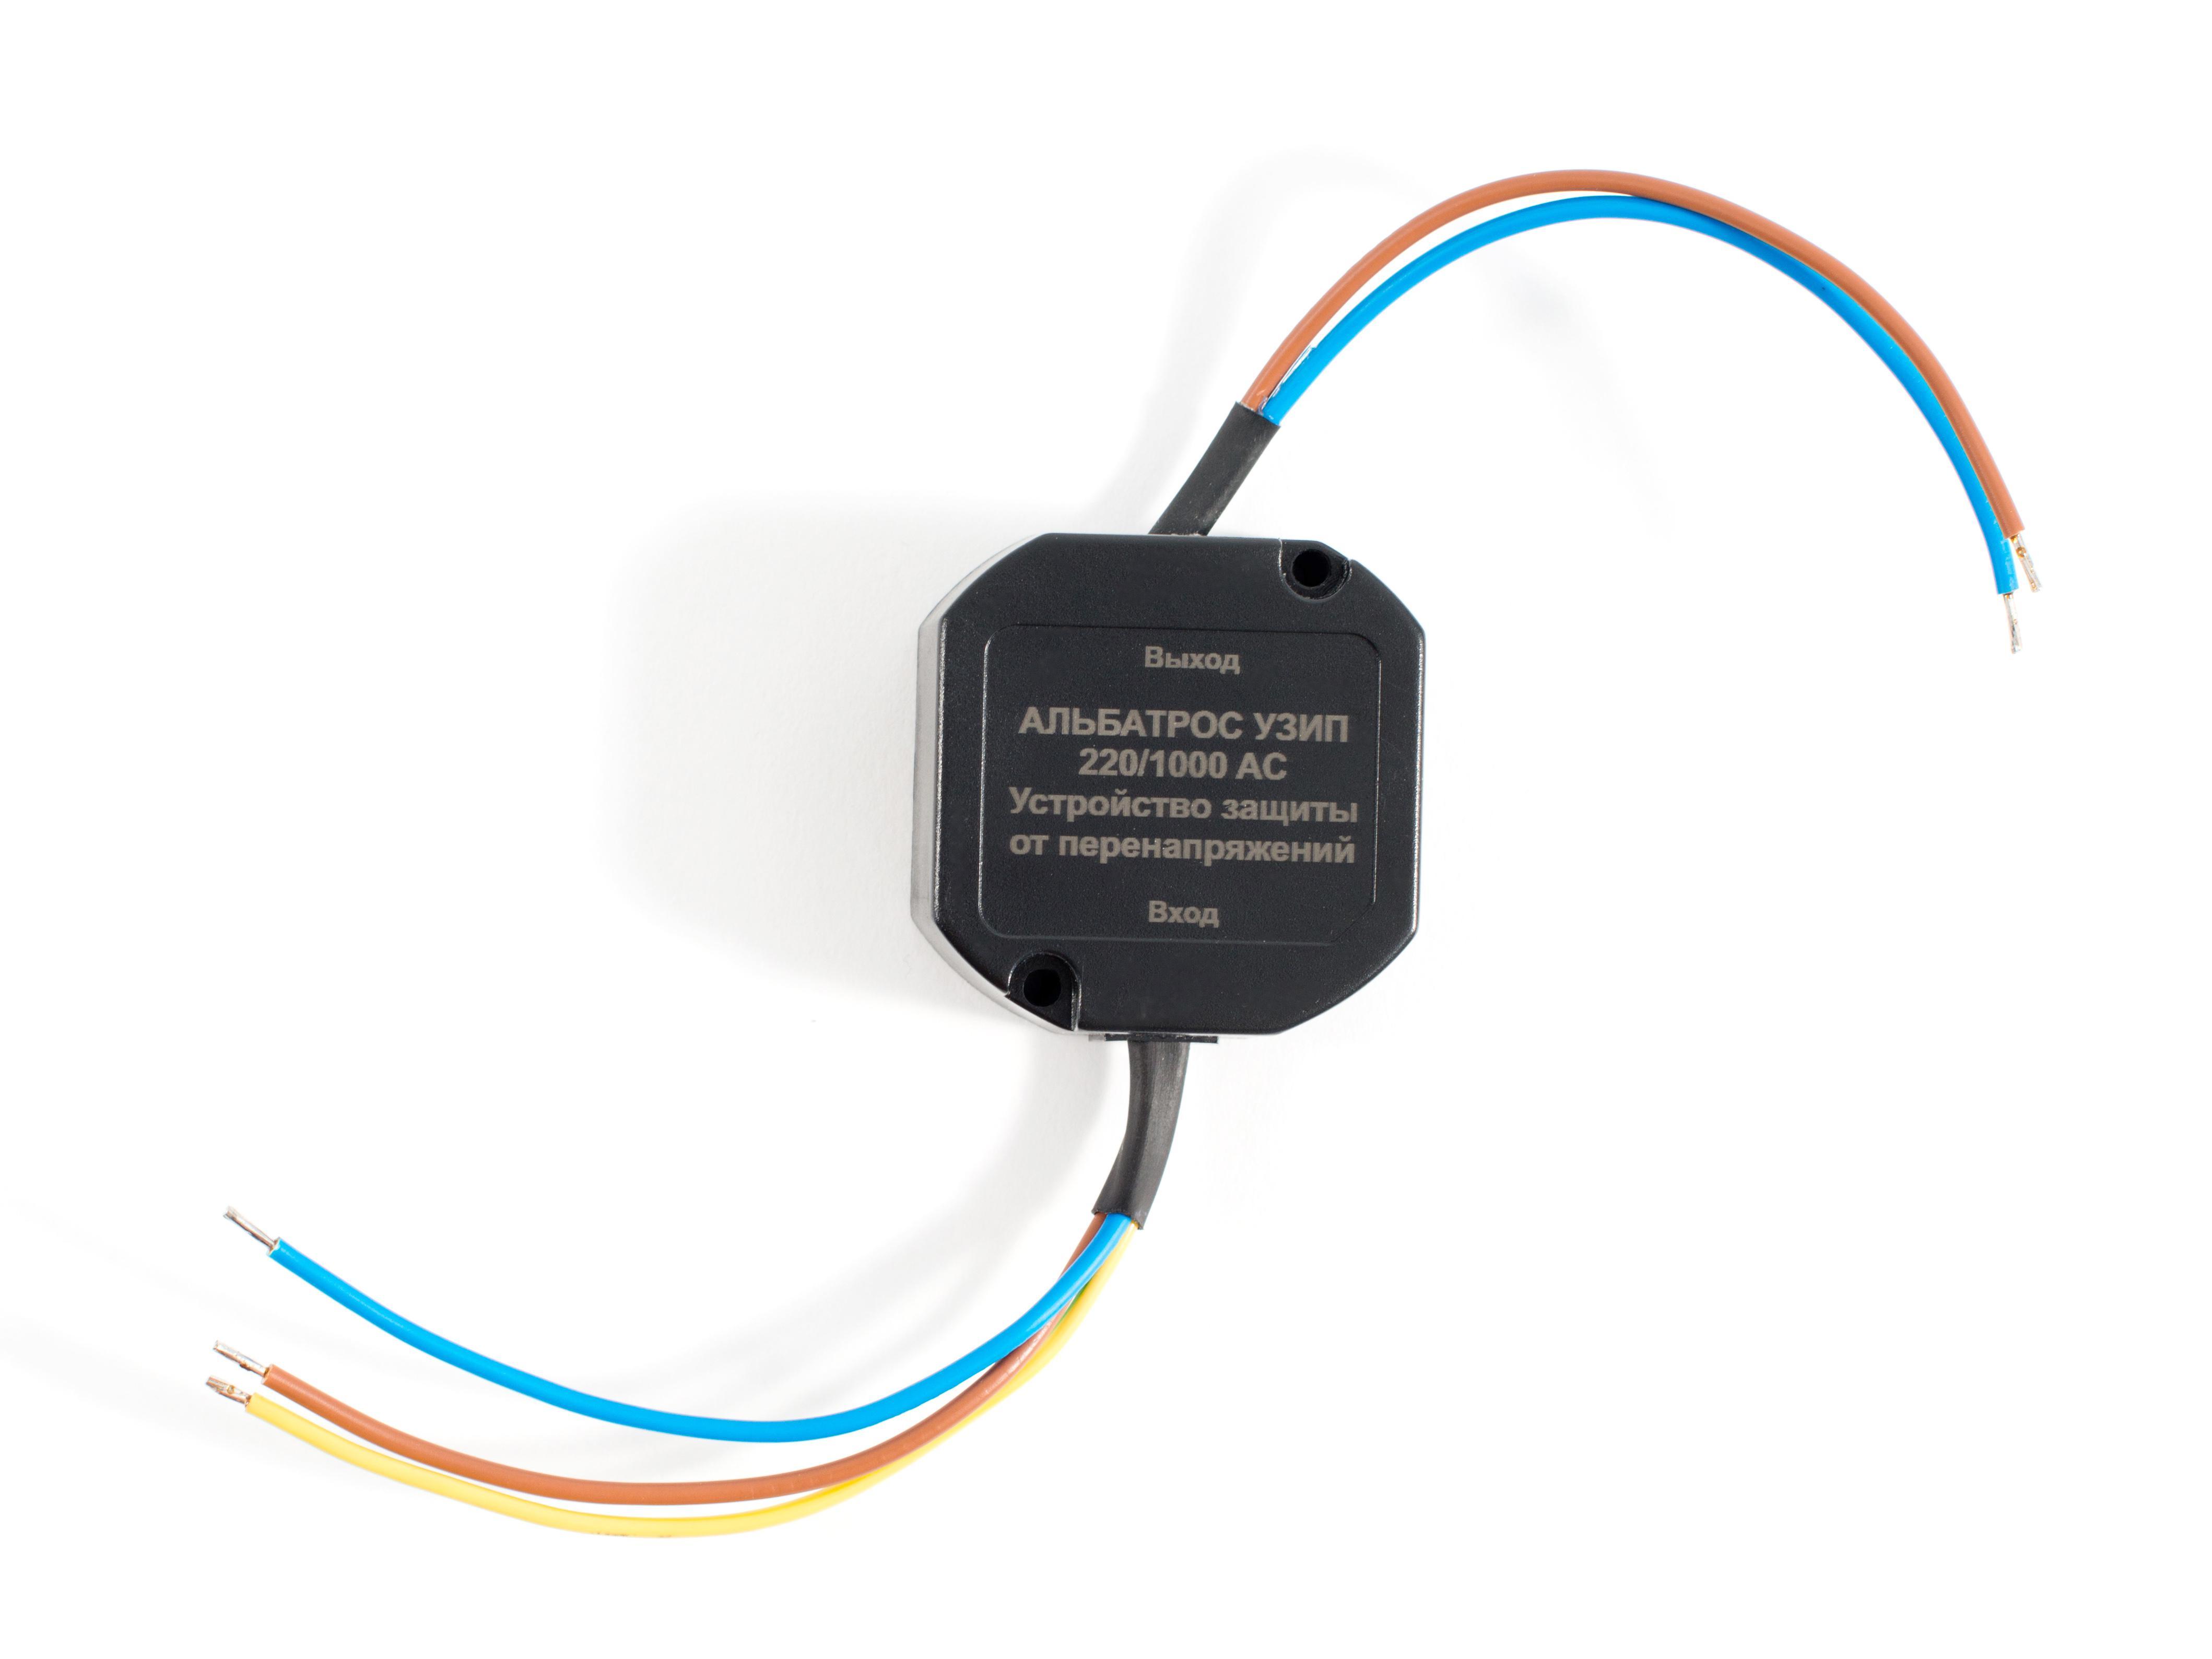 Устройство Teplocom АЛЬБАТРОС-220/1000 АС устройство teplocom альбатрос 220 3500 ас